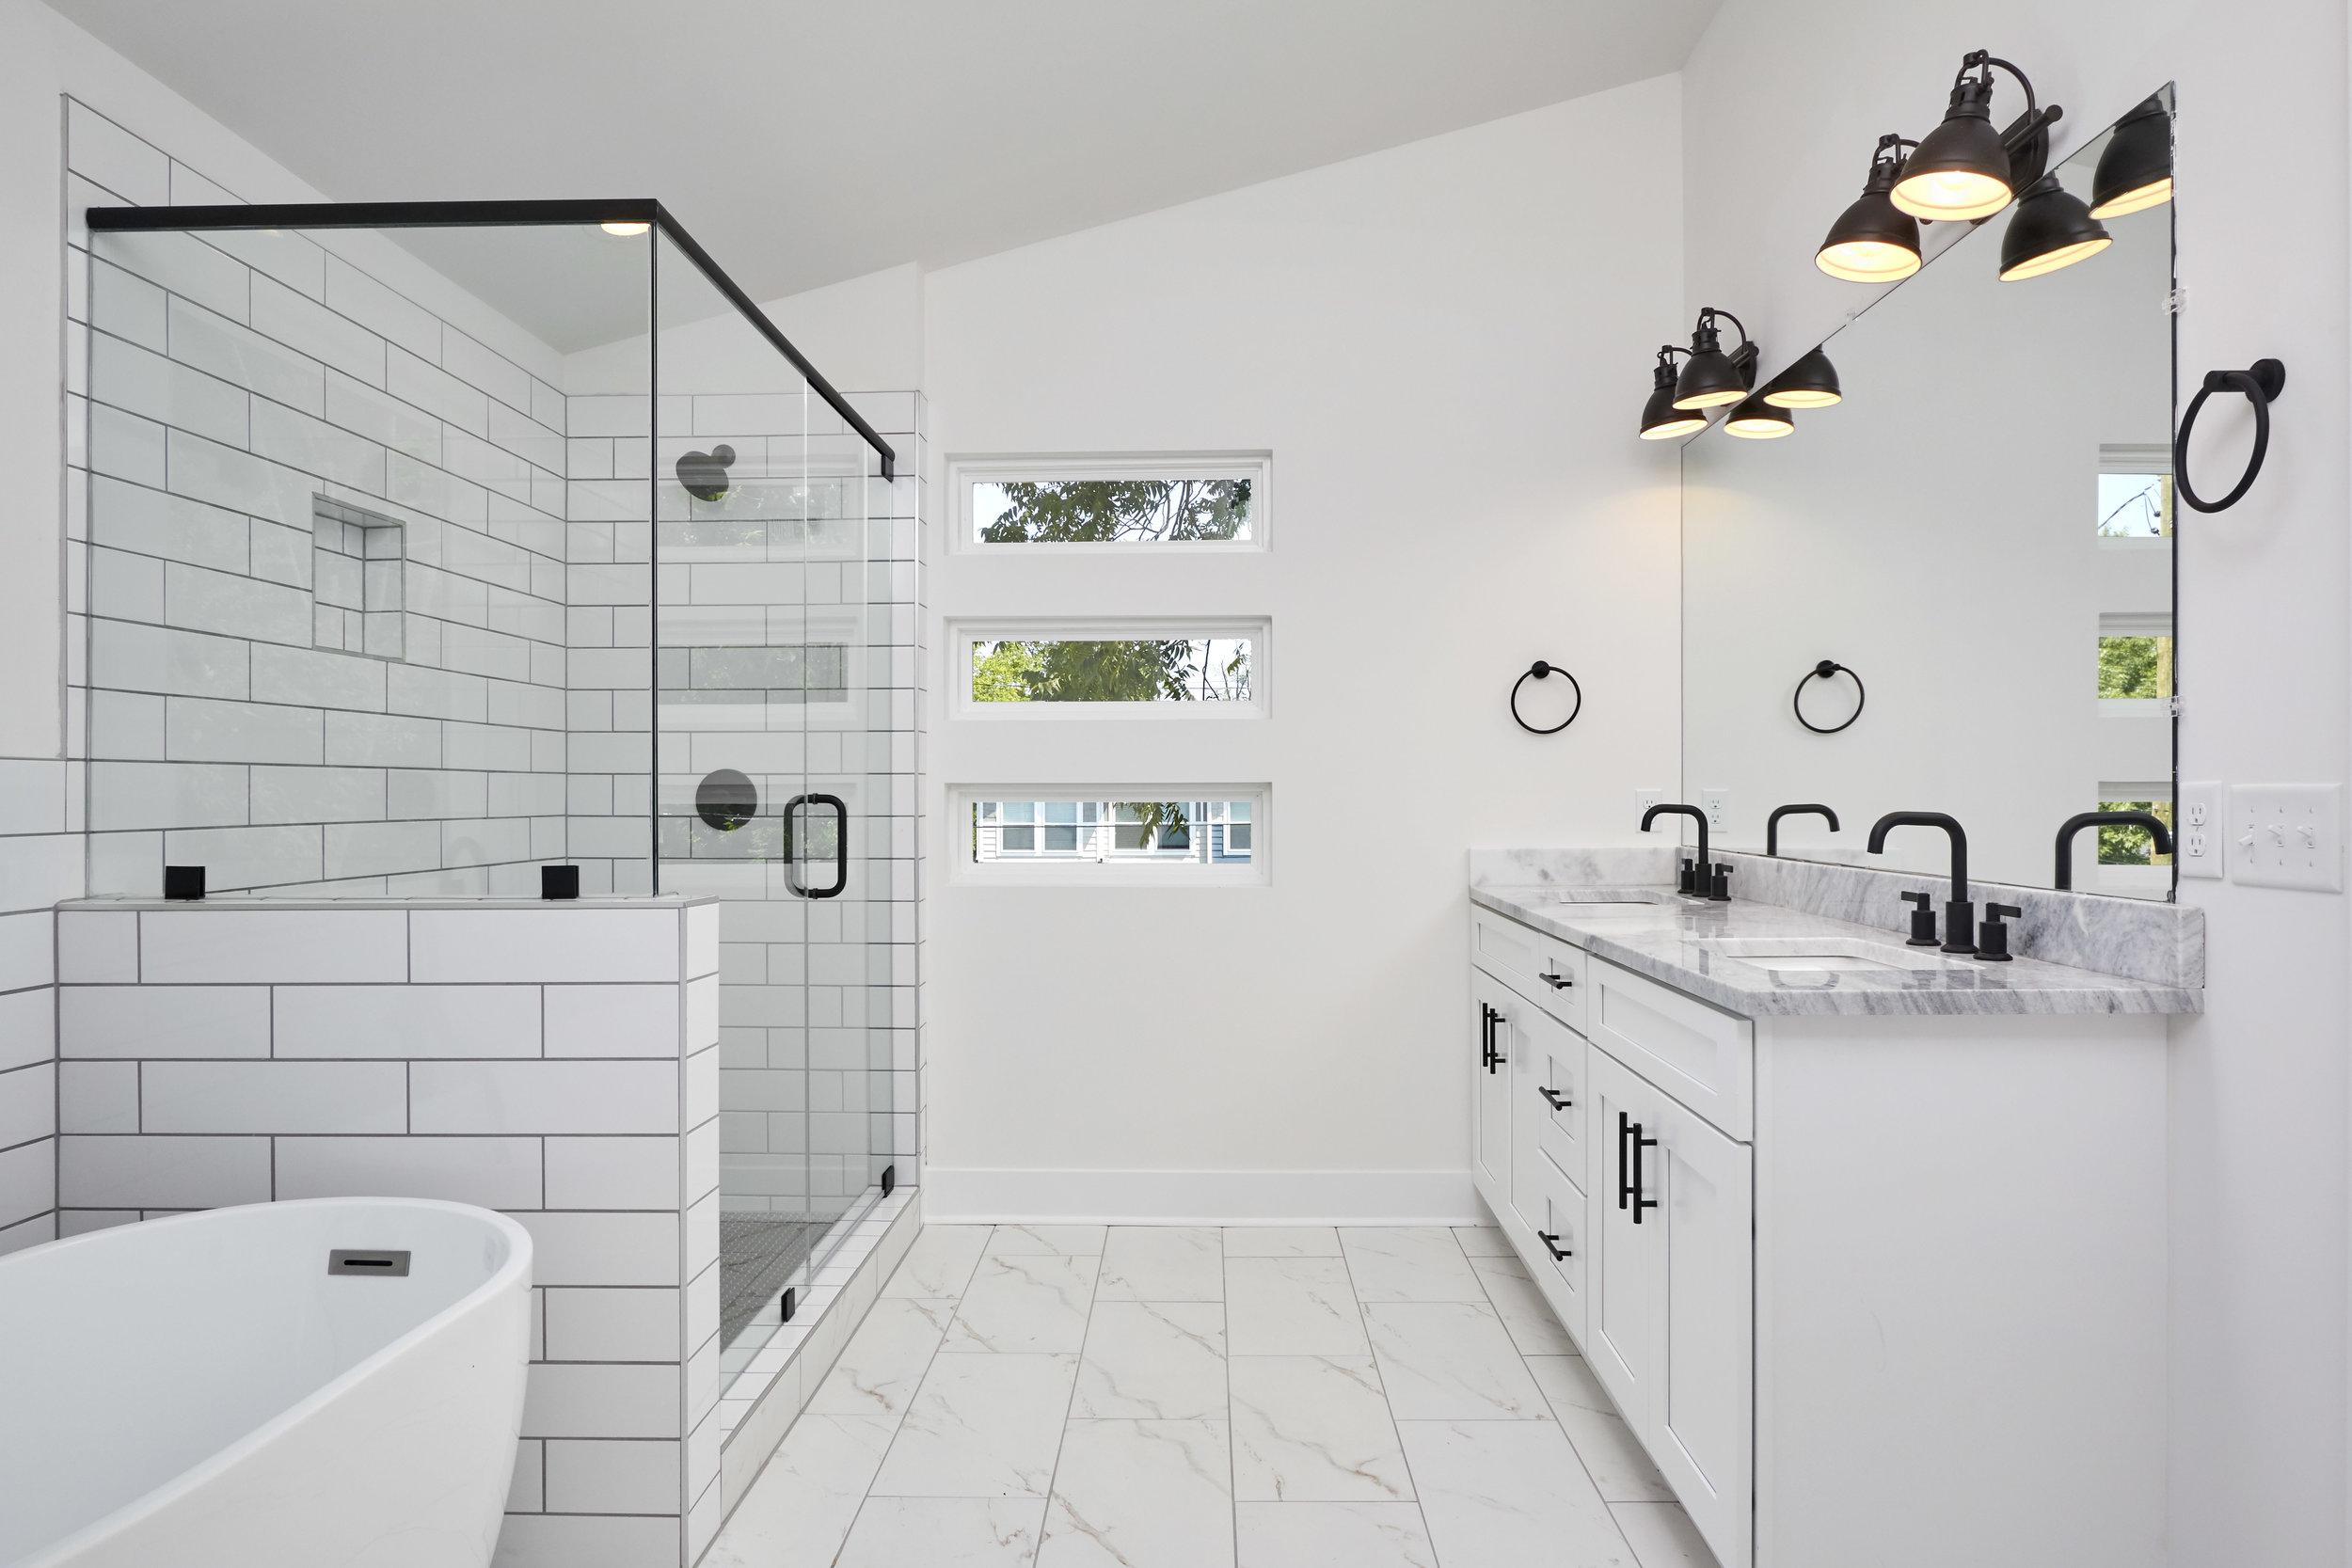 Fielder Williams Strain fiwist Nashville architectural Photographer interior design Master Bathroom 001.jpg